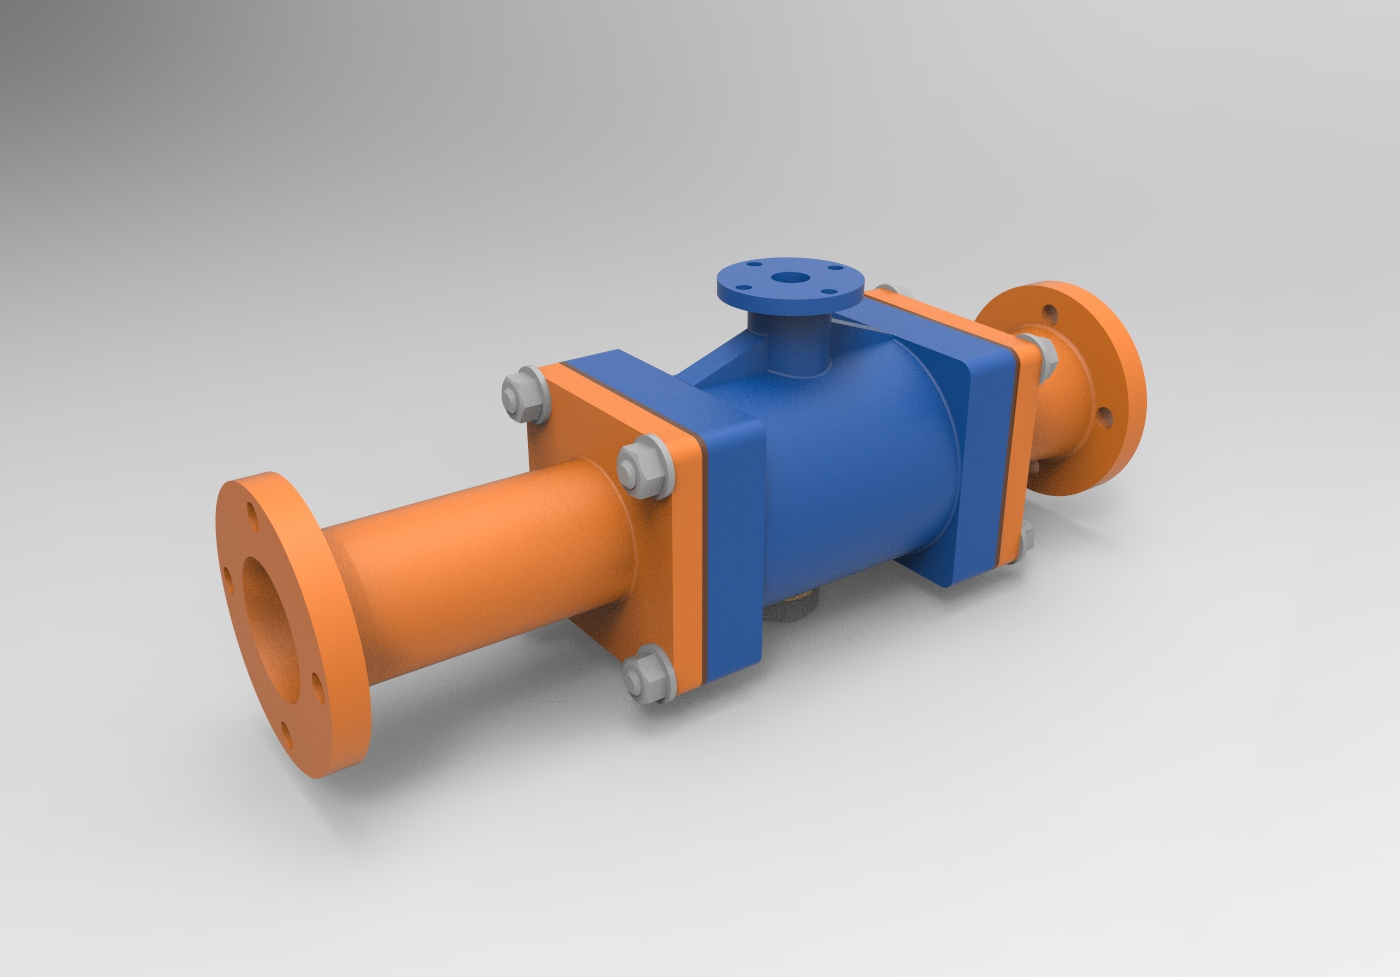 Эжектор МЧ00.57.00.00.СБ 3D-модель чертежи